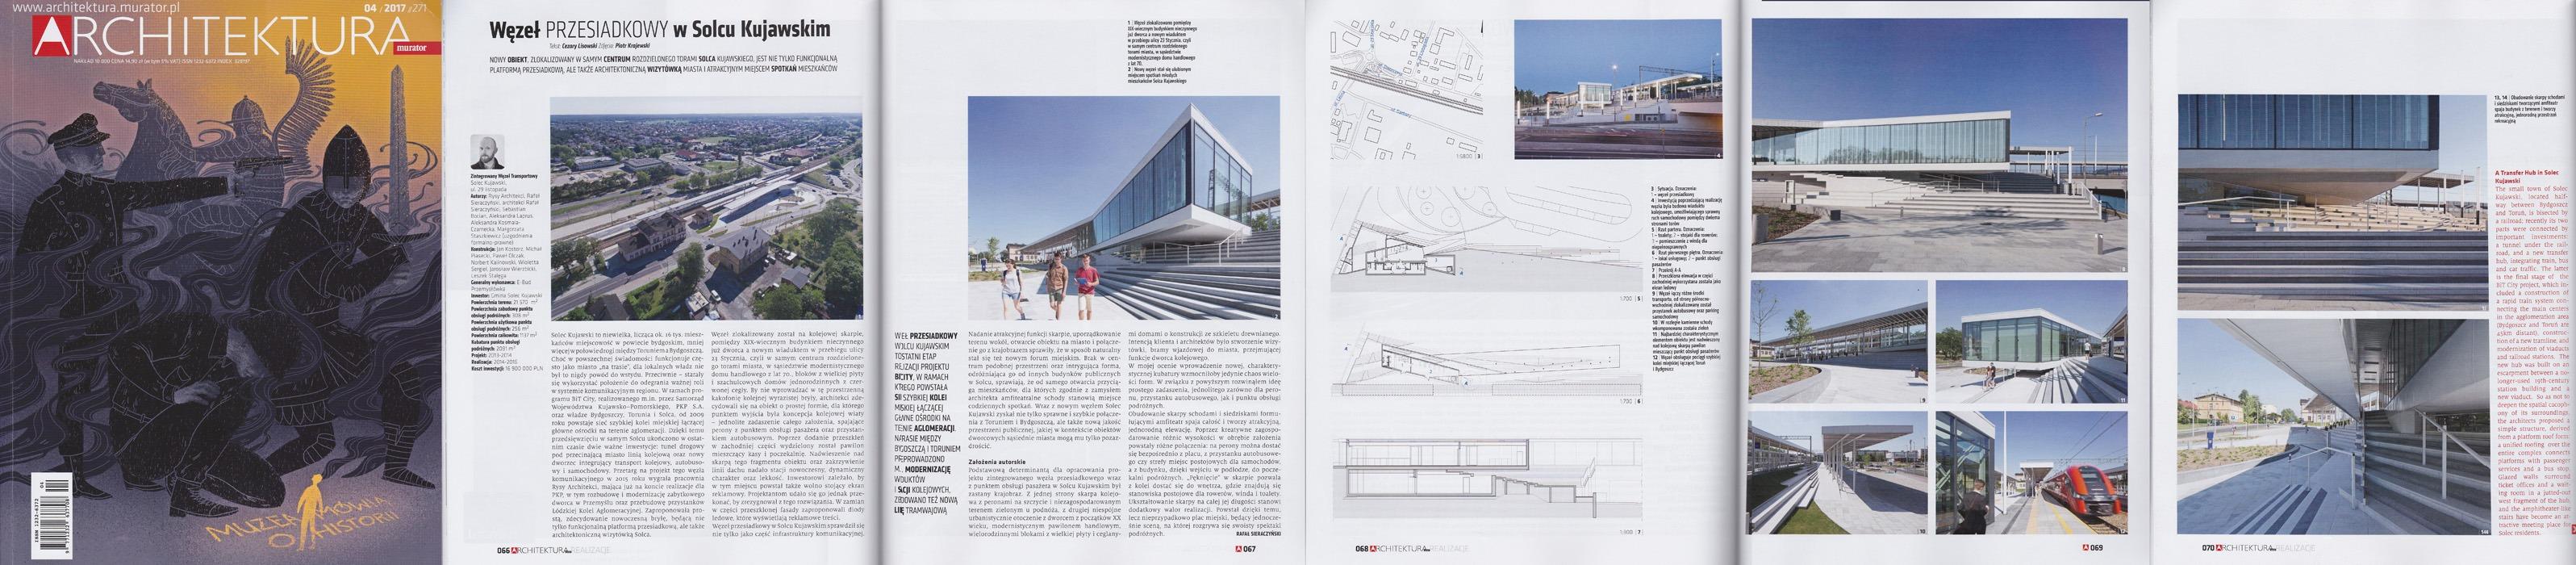 Architektura Murator 04/2017